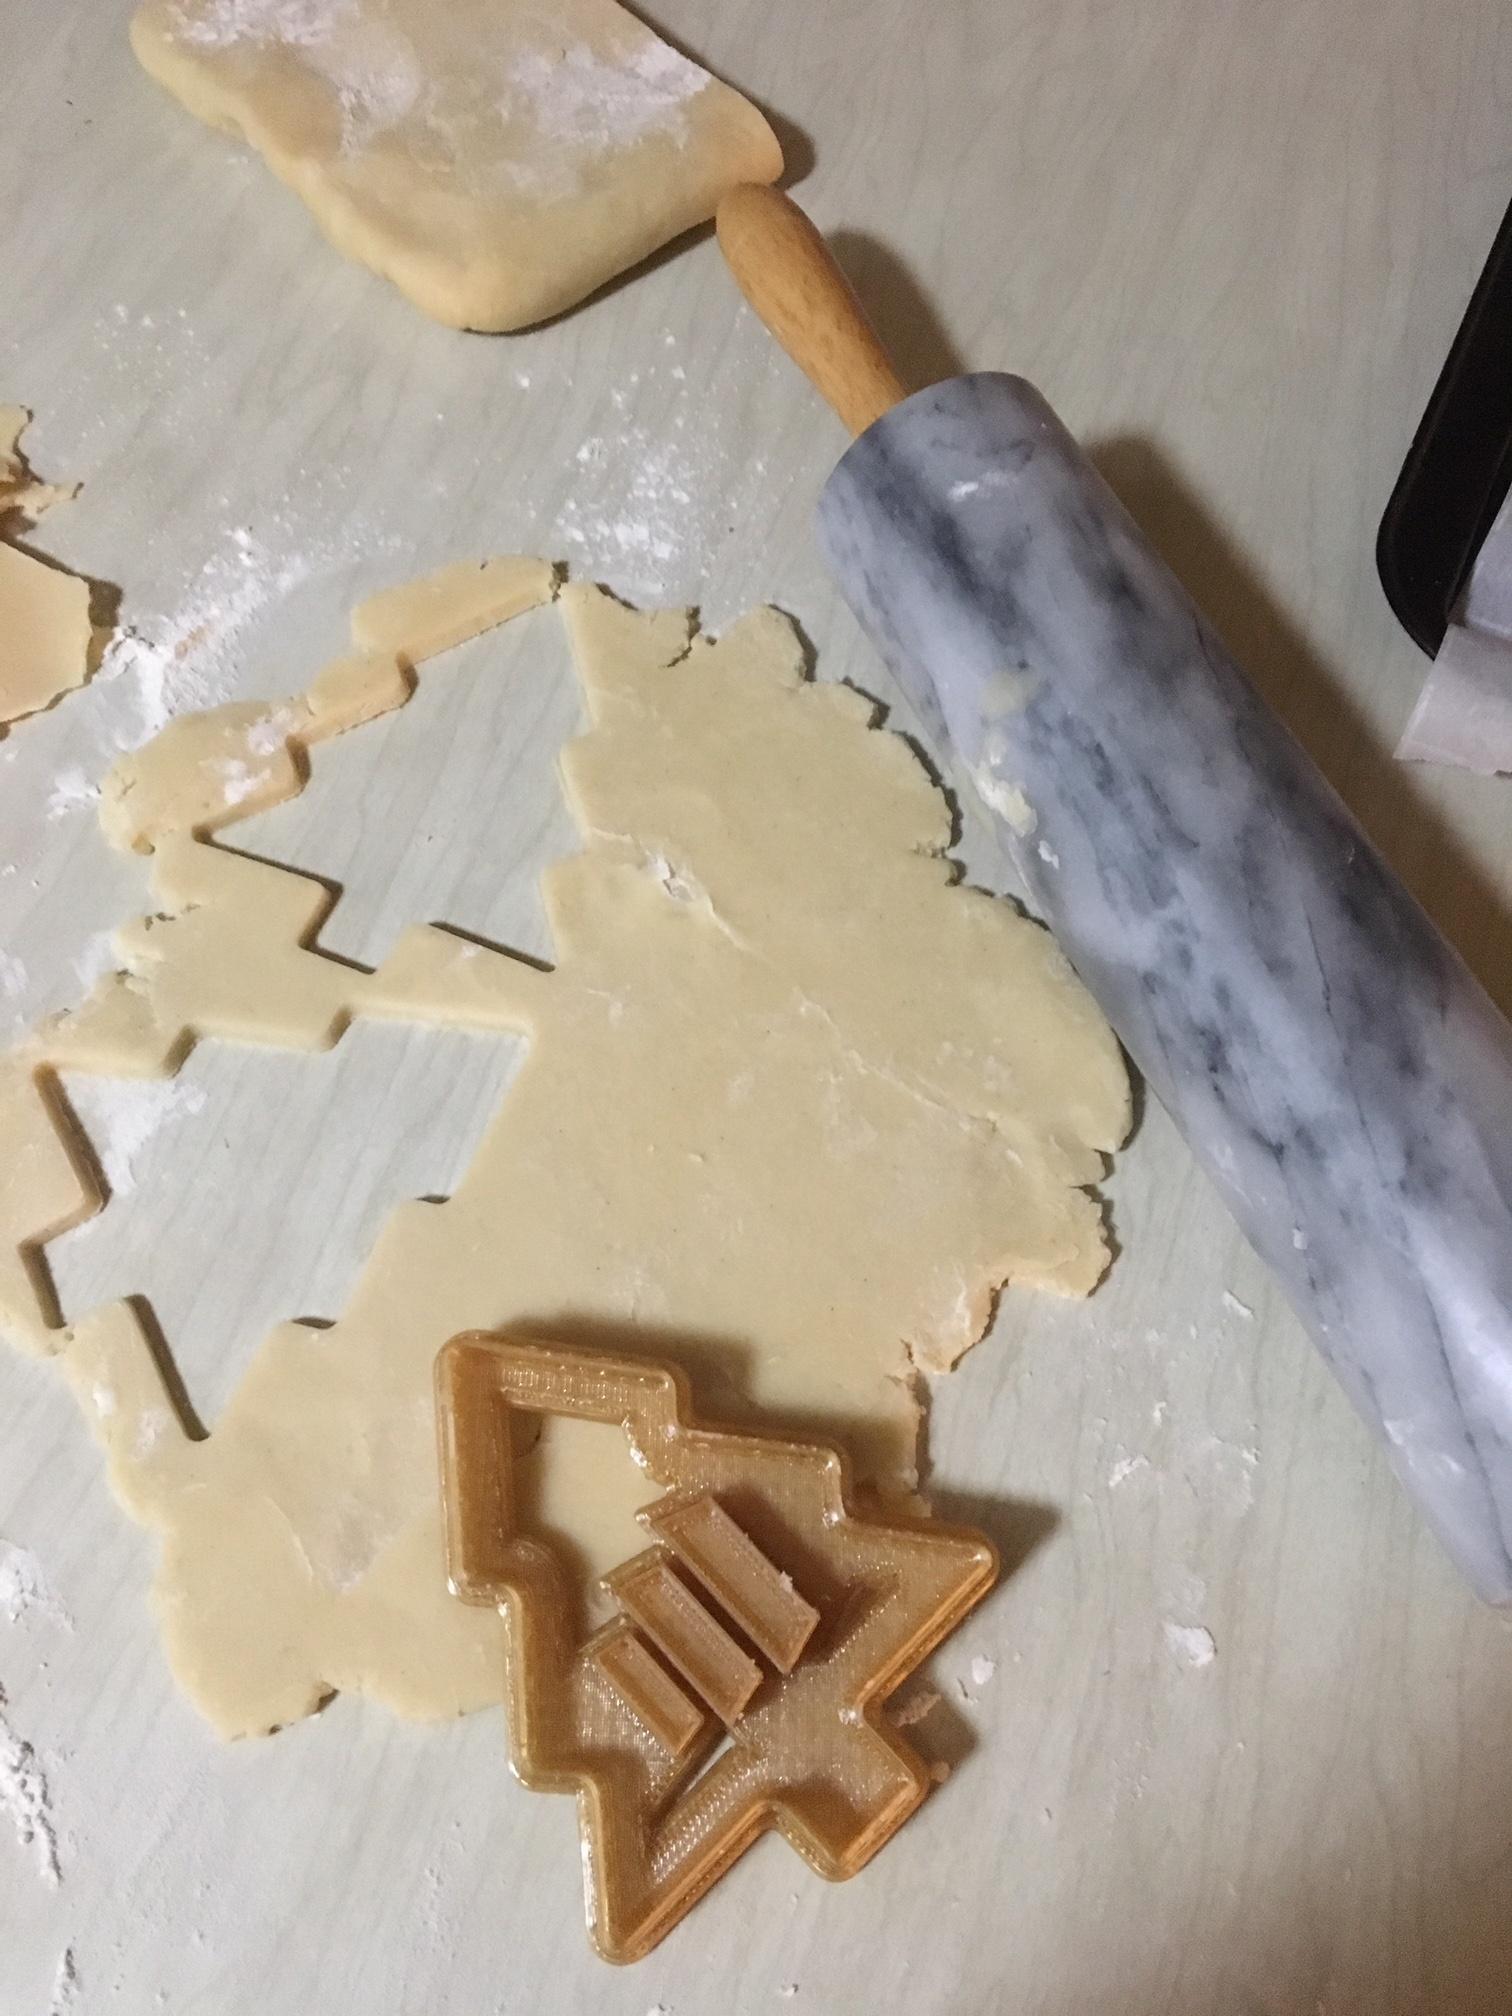 ULTEM 1010 Cookie Cutter